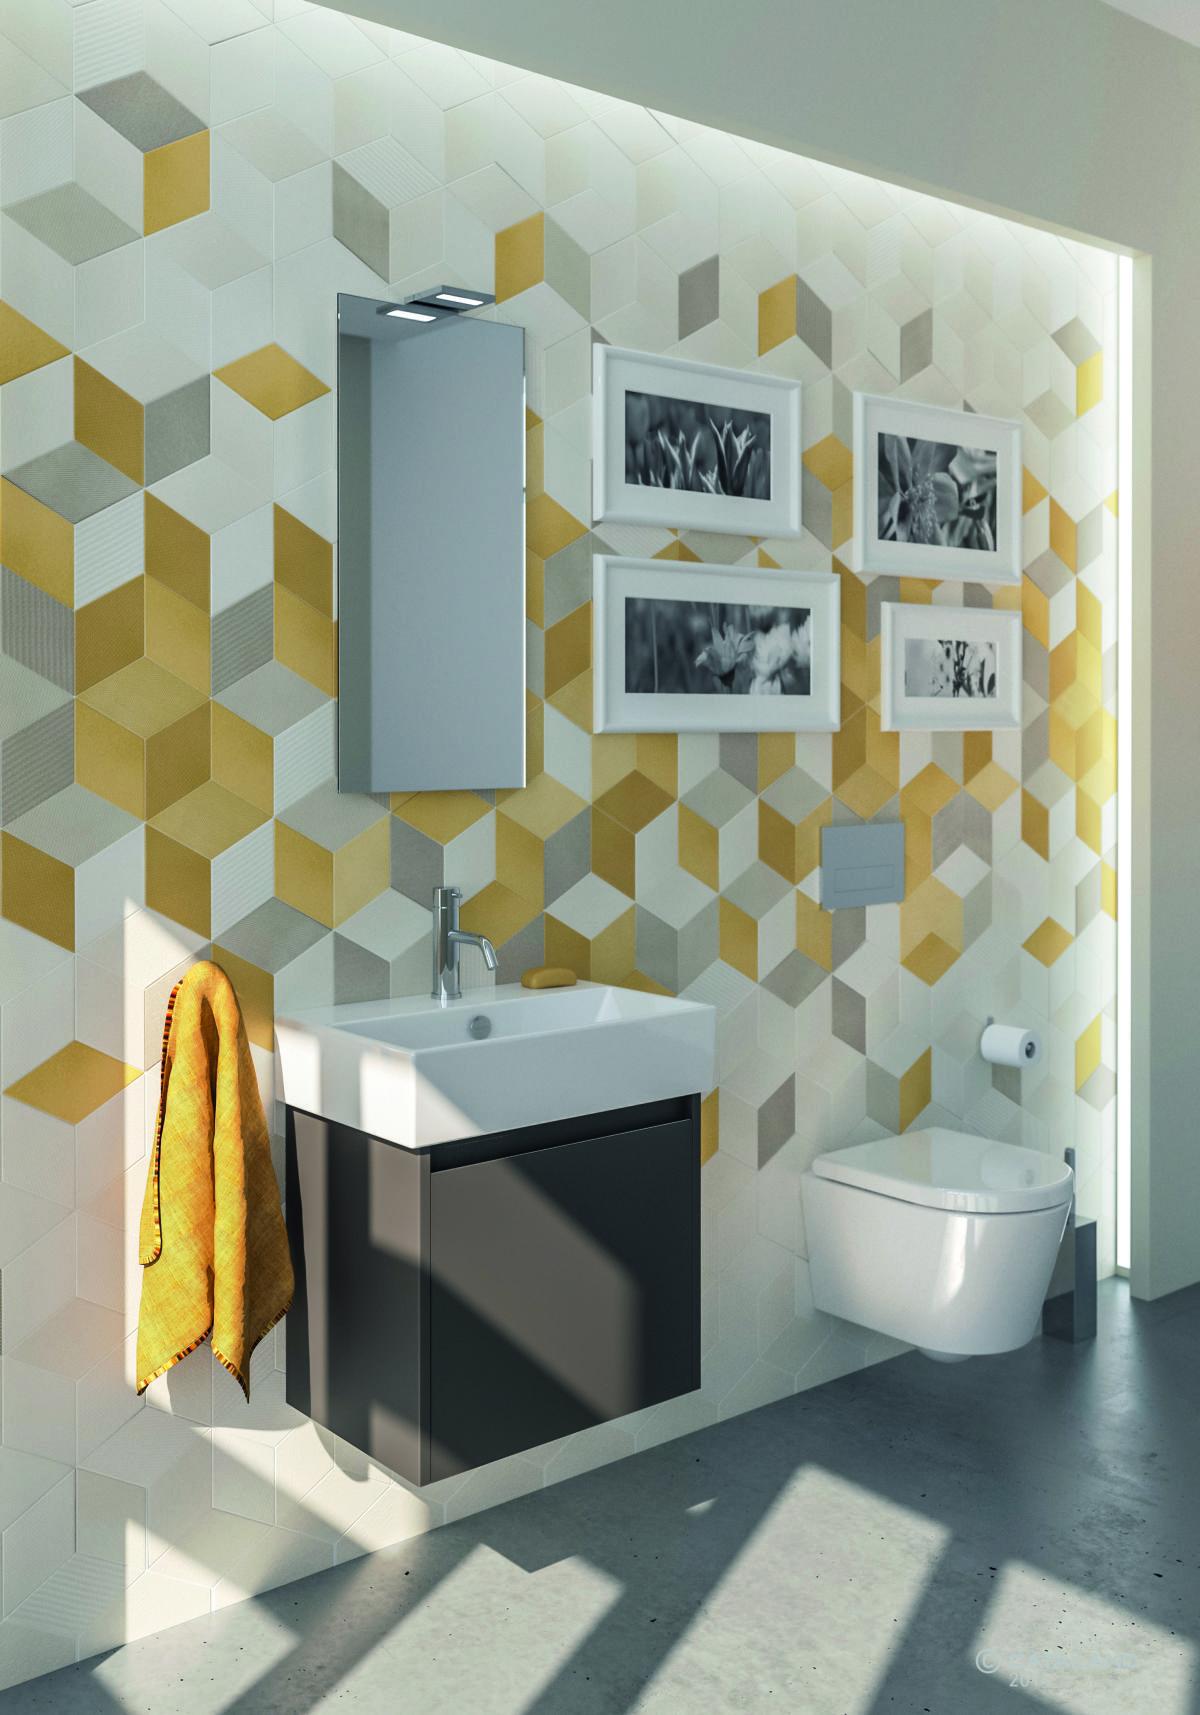 Catalano Premium łazienka Szaro żółta Inspiracje W 2019